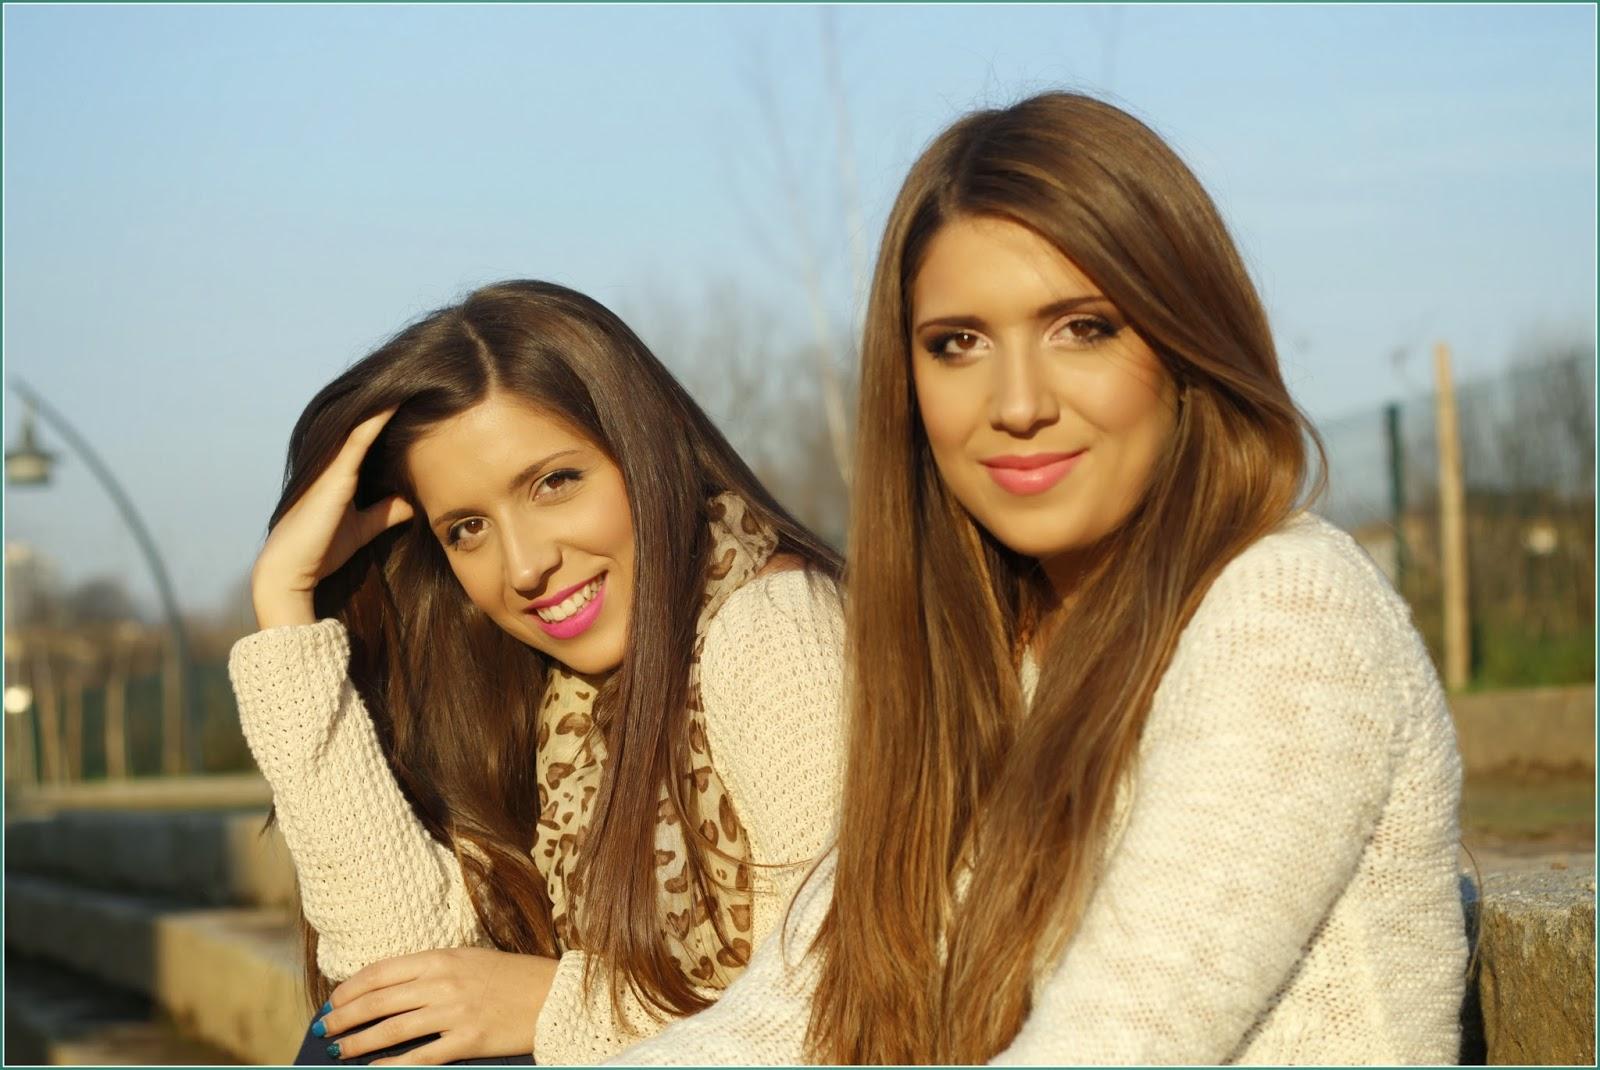 Angela e Joana, um blog de beleza